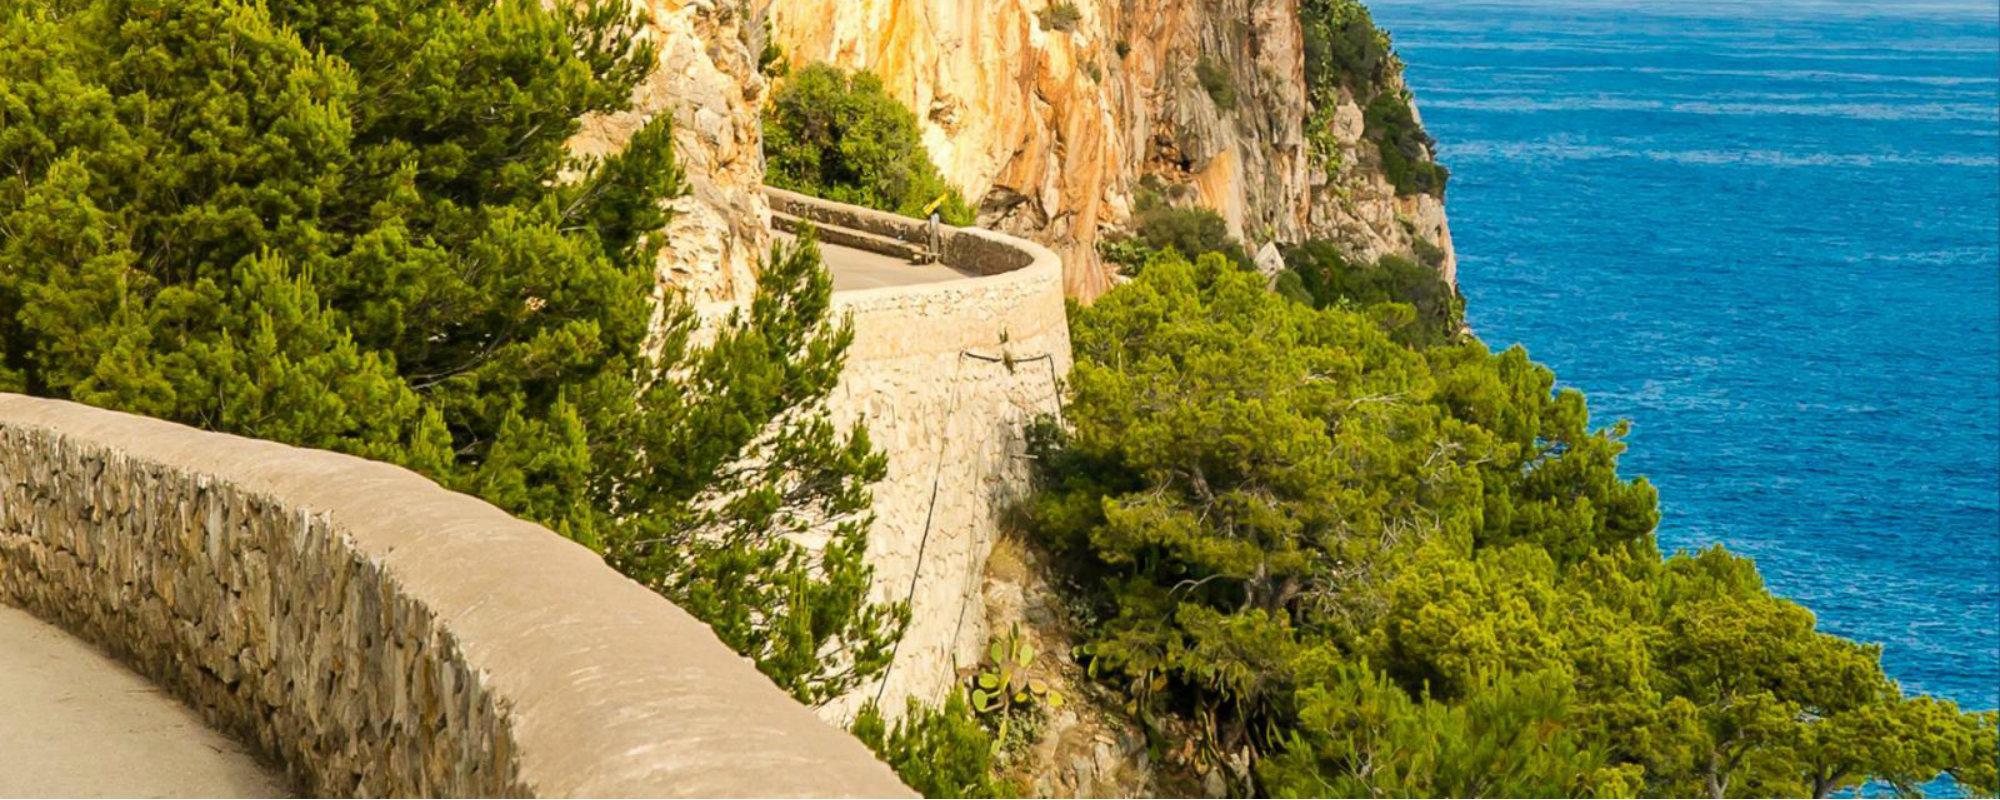 Un grupo de lujo en Mallorca: Grupo Cap Vermell grupo de lujo Grupo de lujo en Mallorca: Grupo Cap Vermell Featured 1